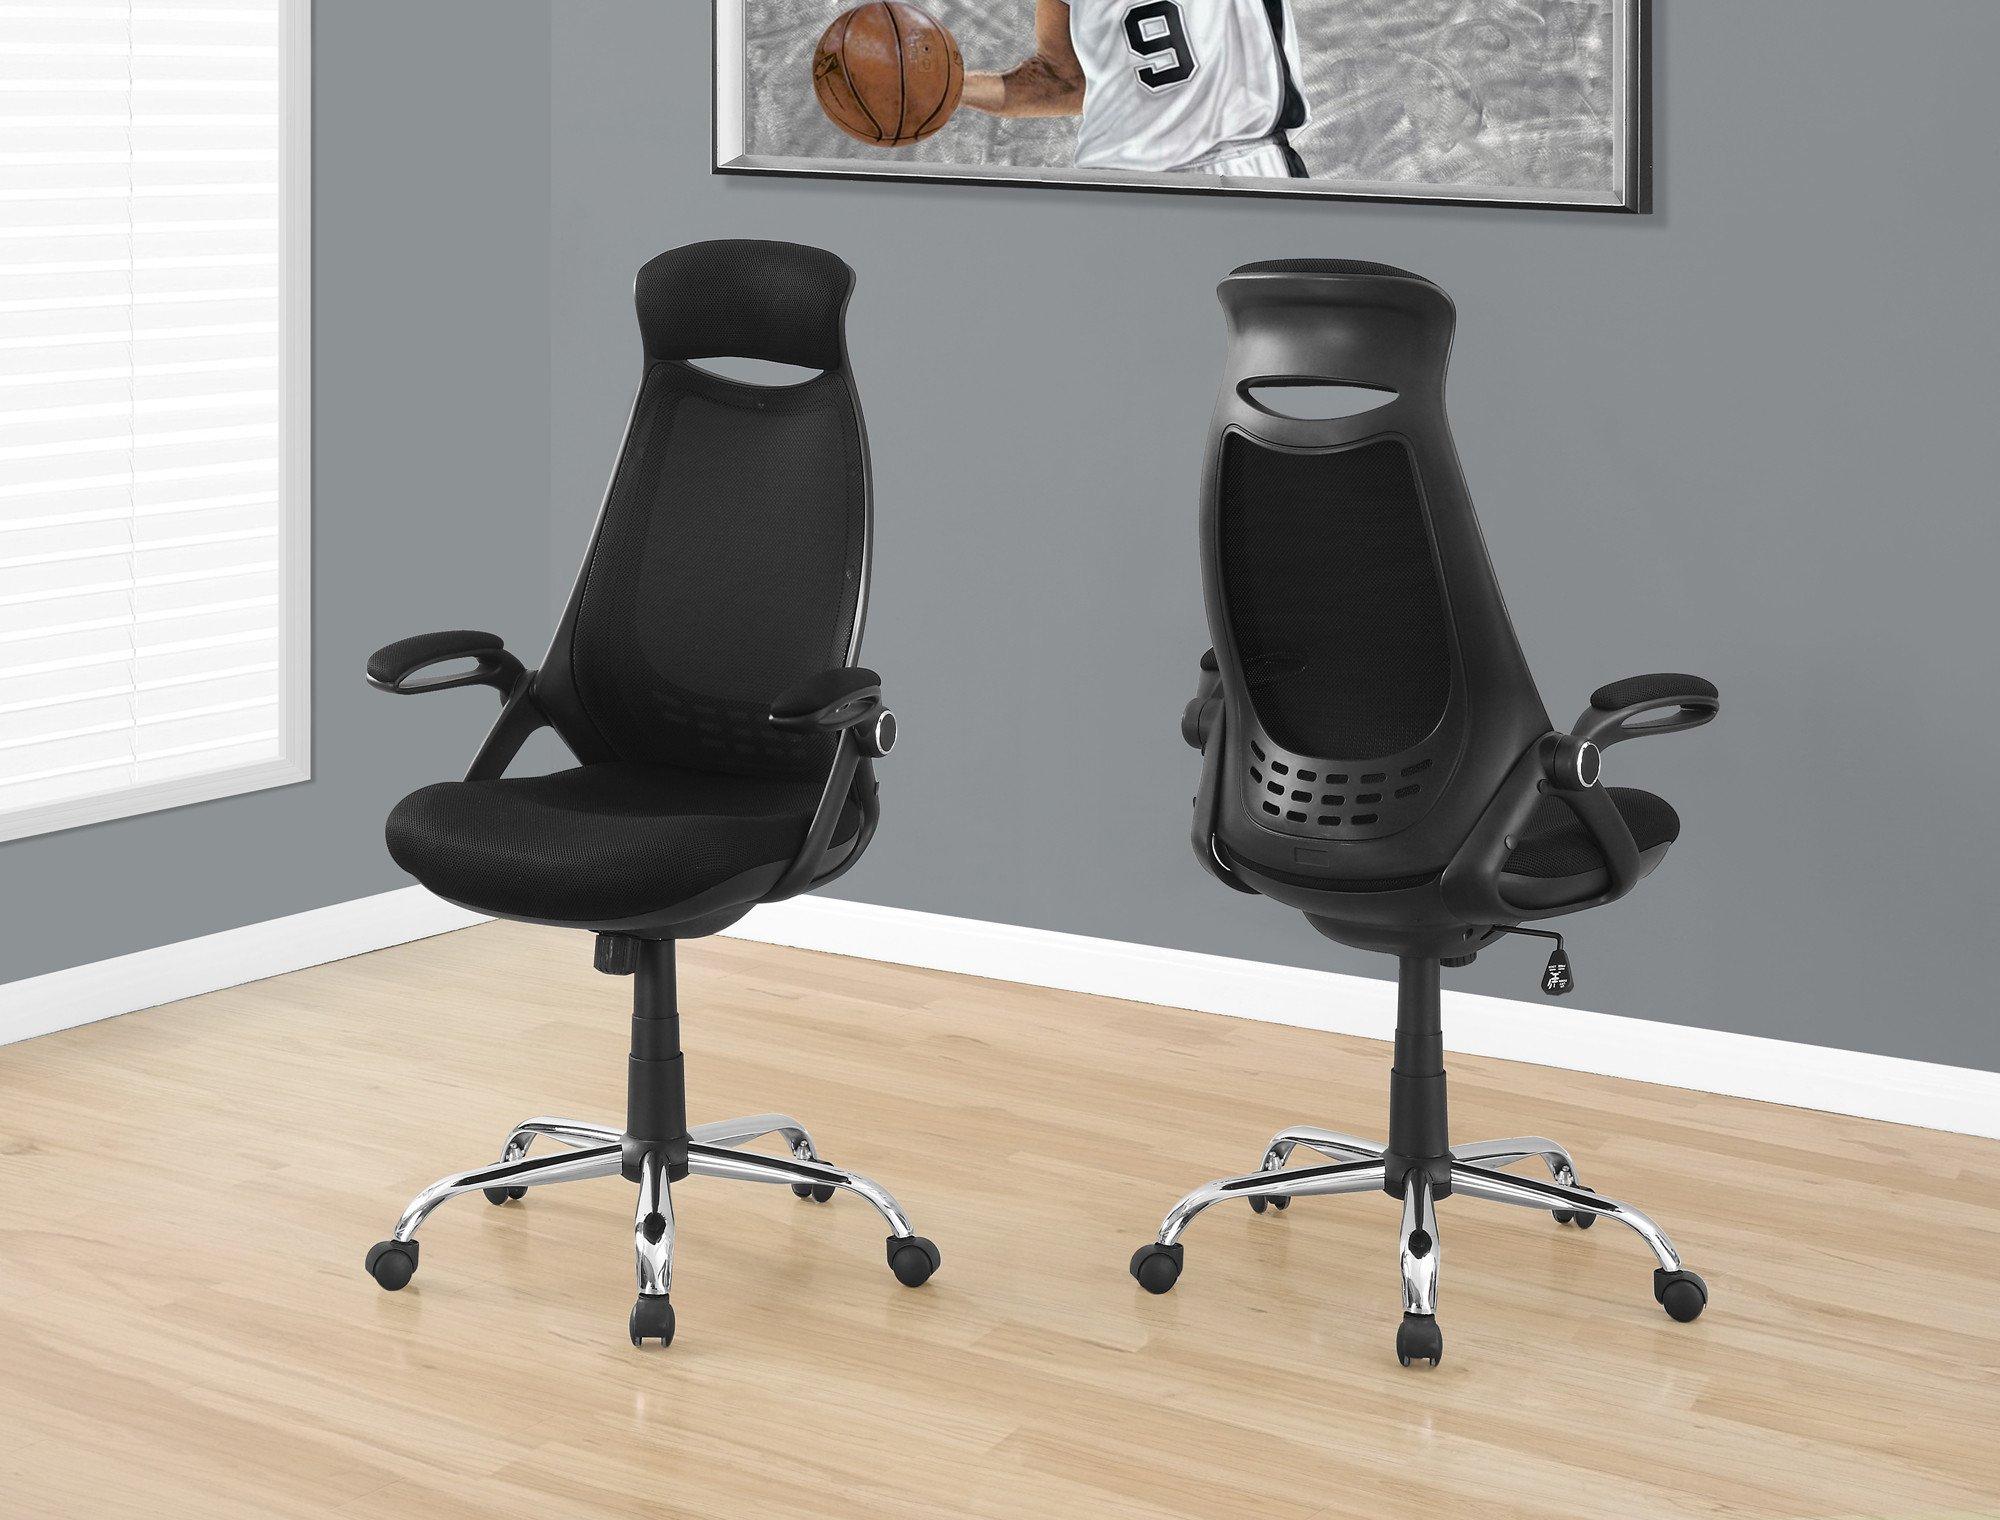 Chair  Modern Office Furniture in Dubai  officemaster.ae